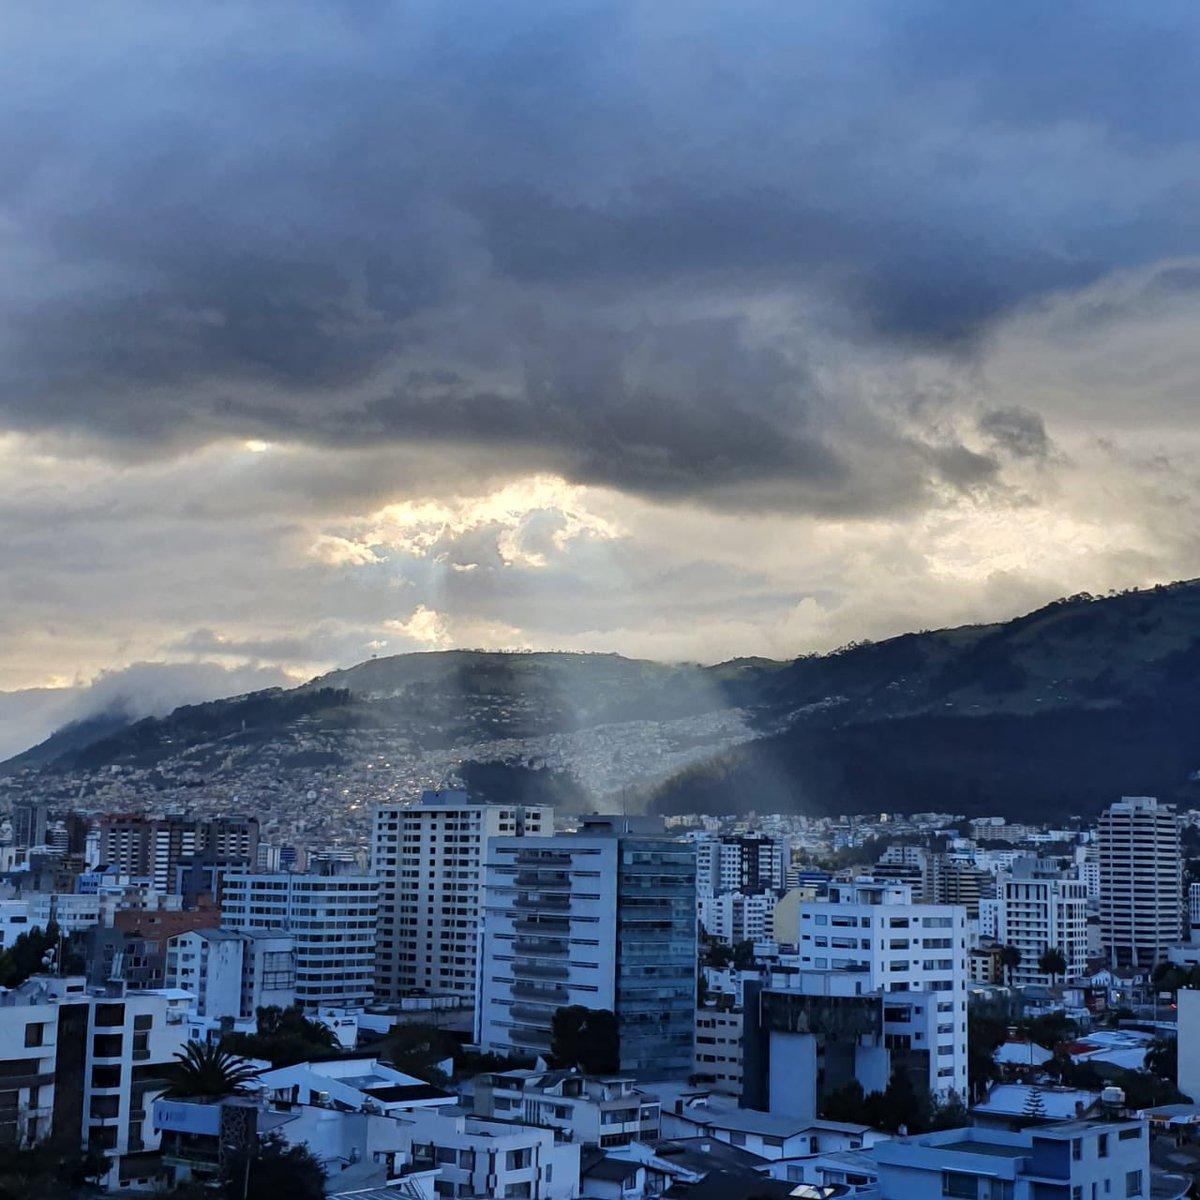 Qué lindo eres Quito 💙